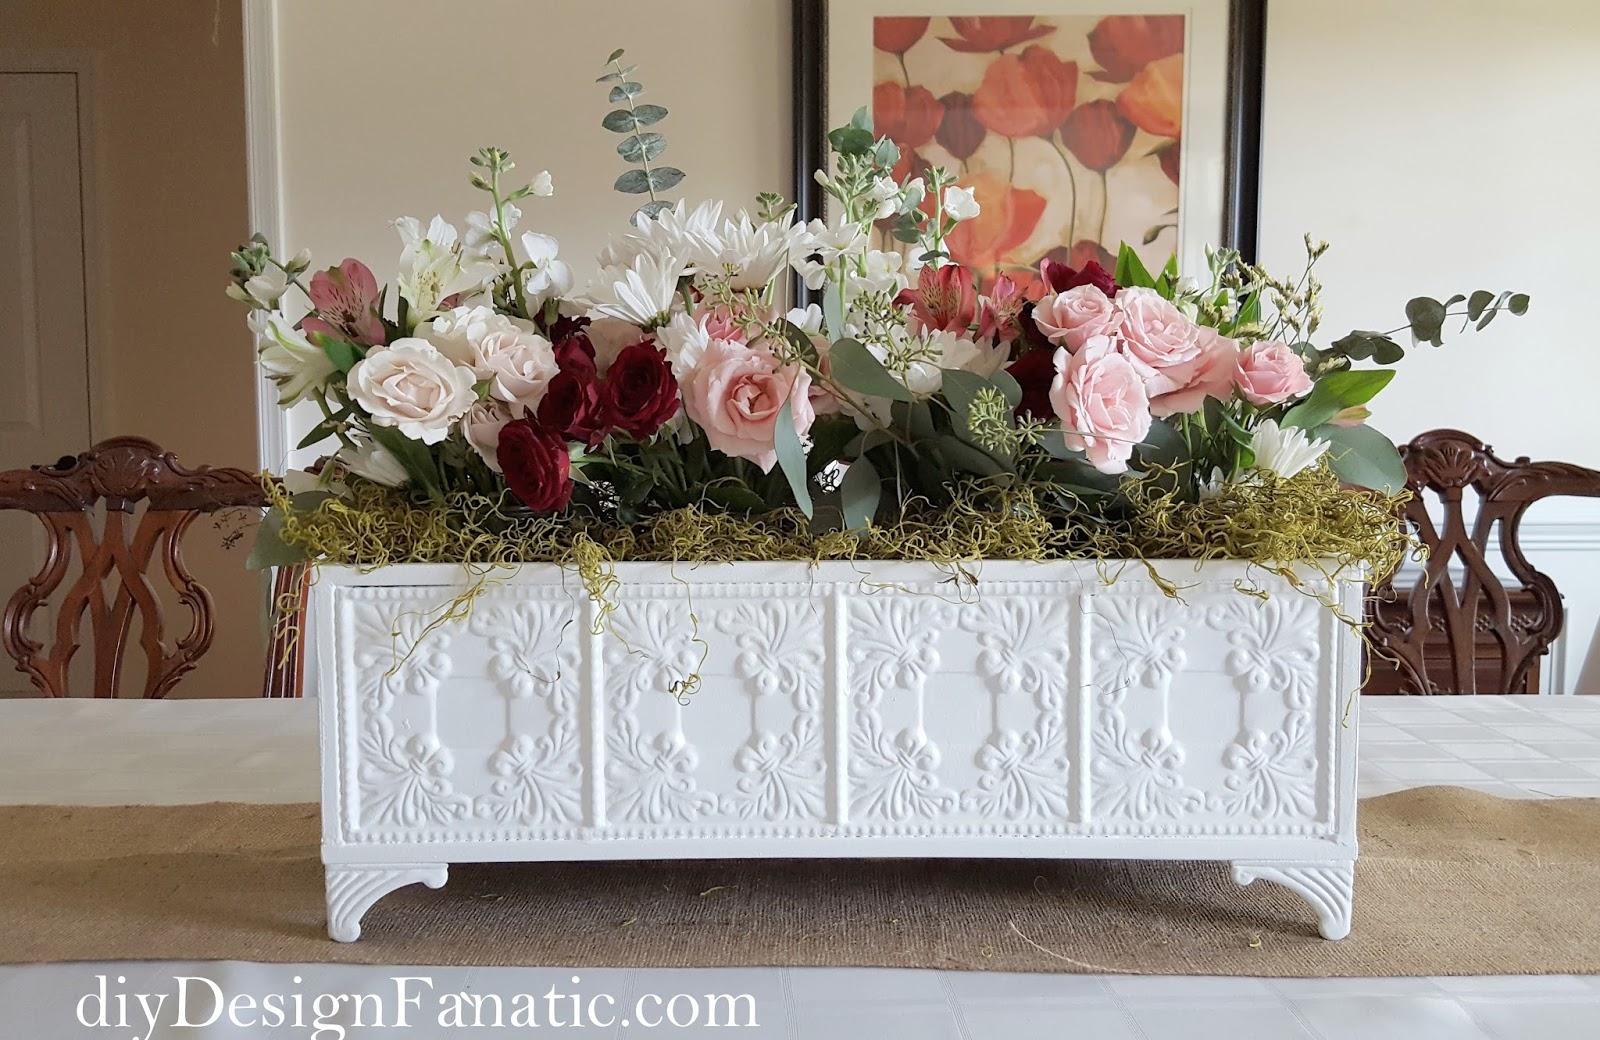 Fabulous Floral Centerpiece Diy Design Fanatic Bloglovin